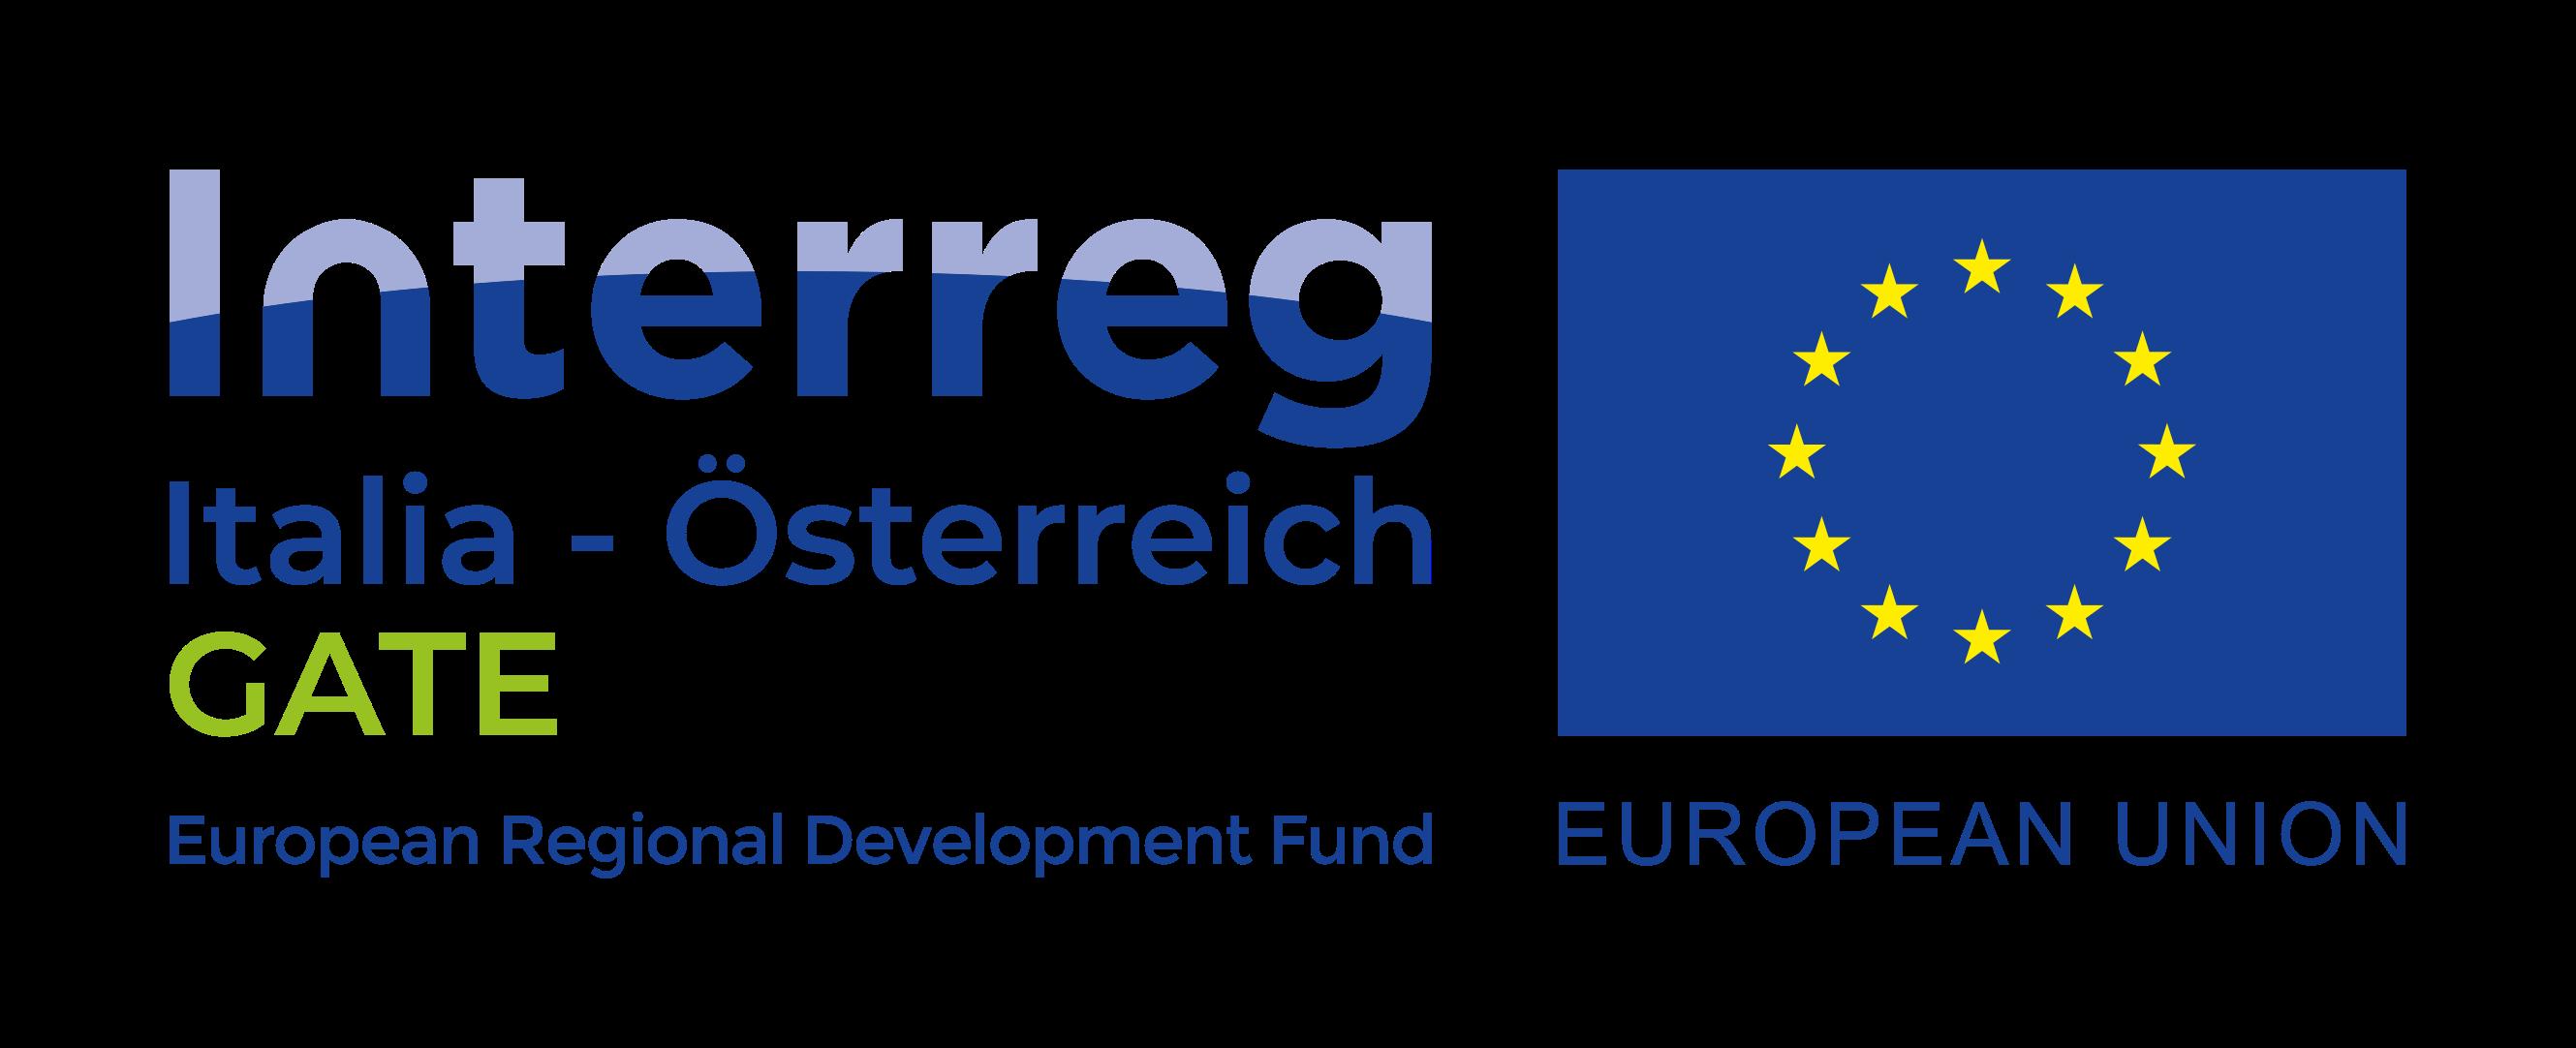 Logo_Interreg_GATE